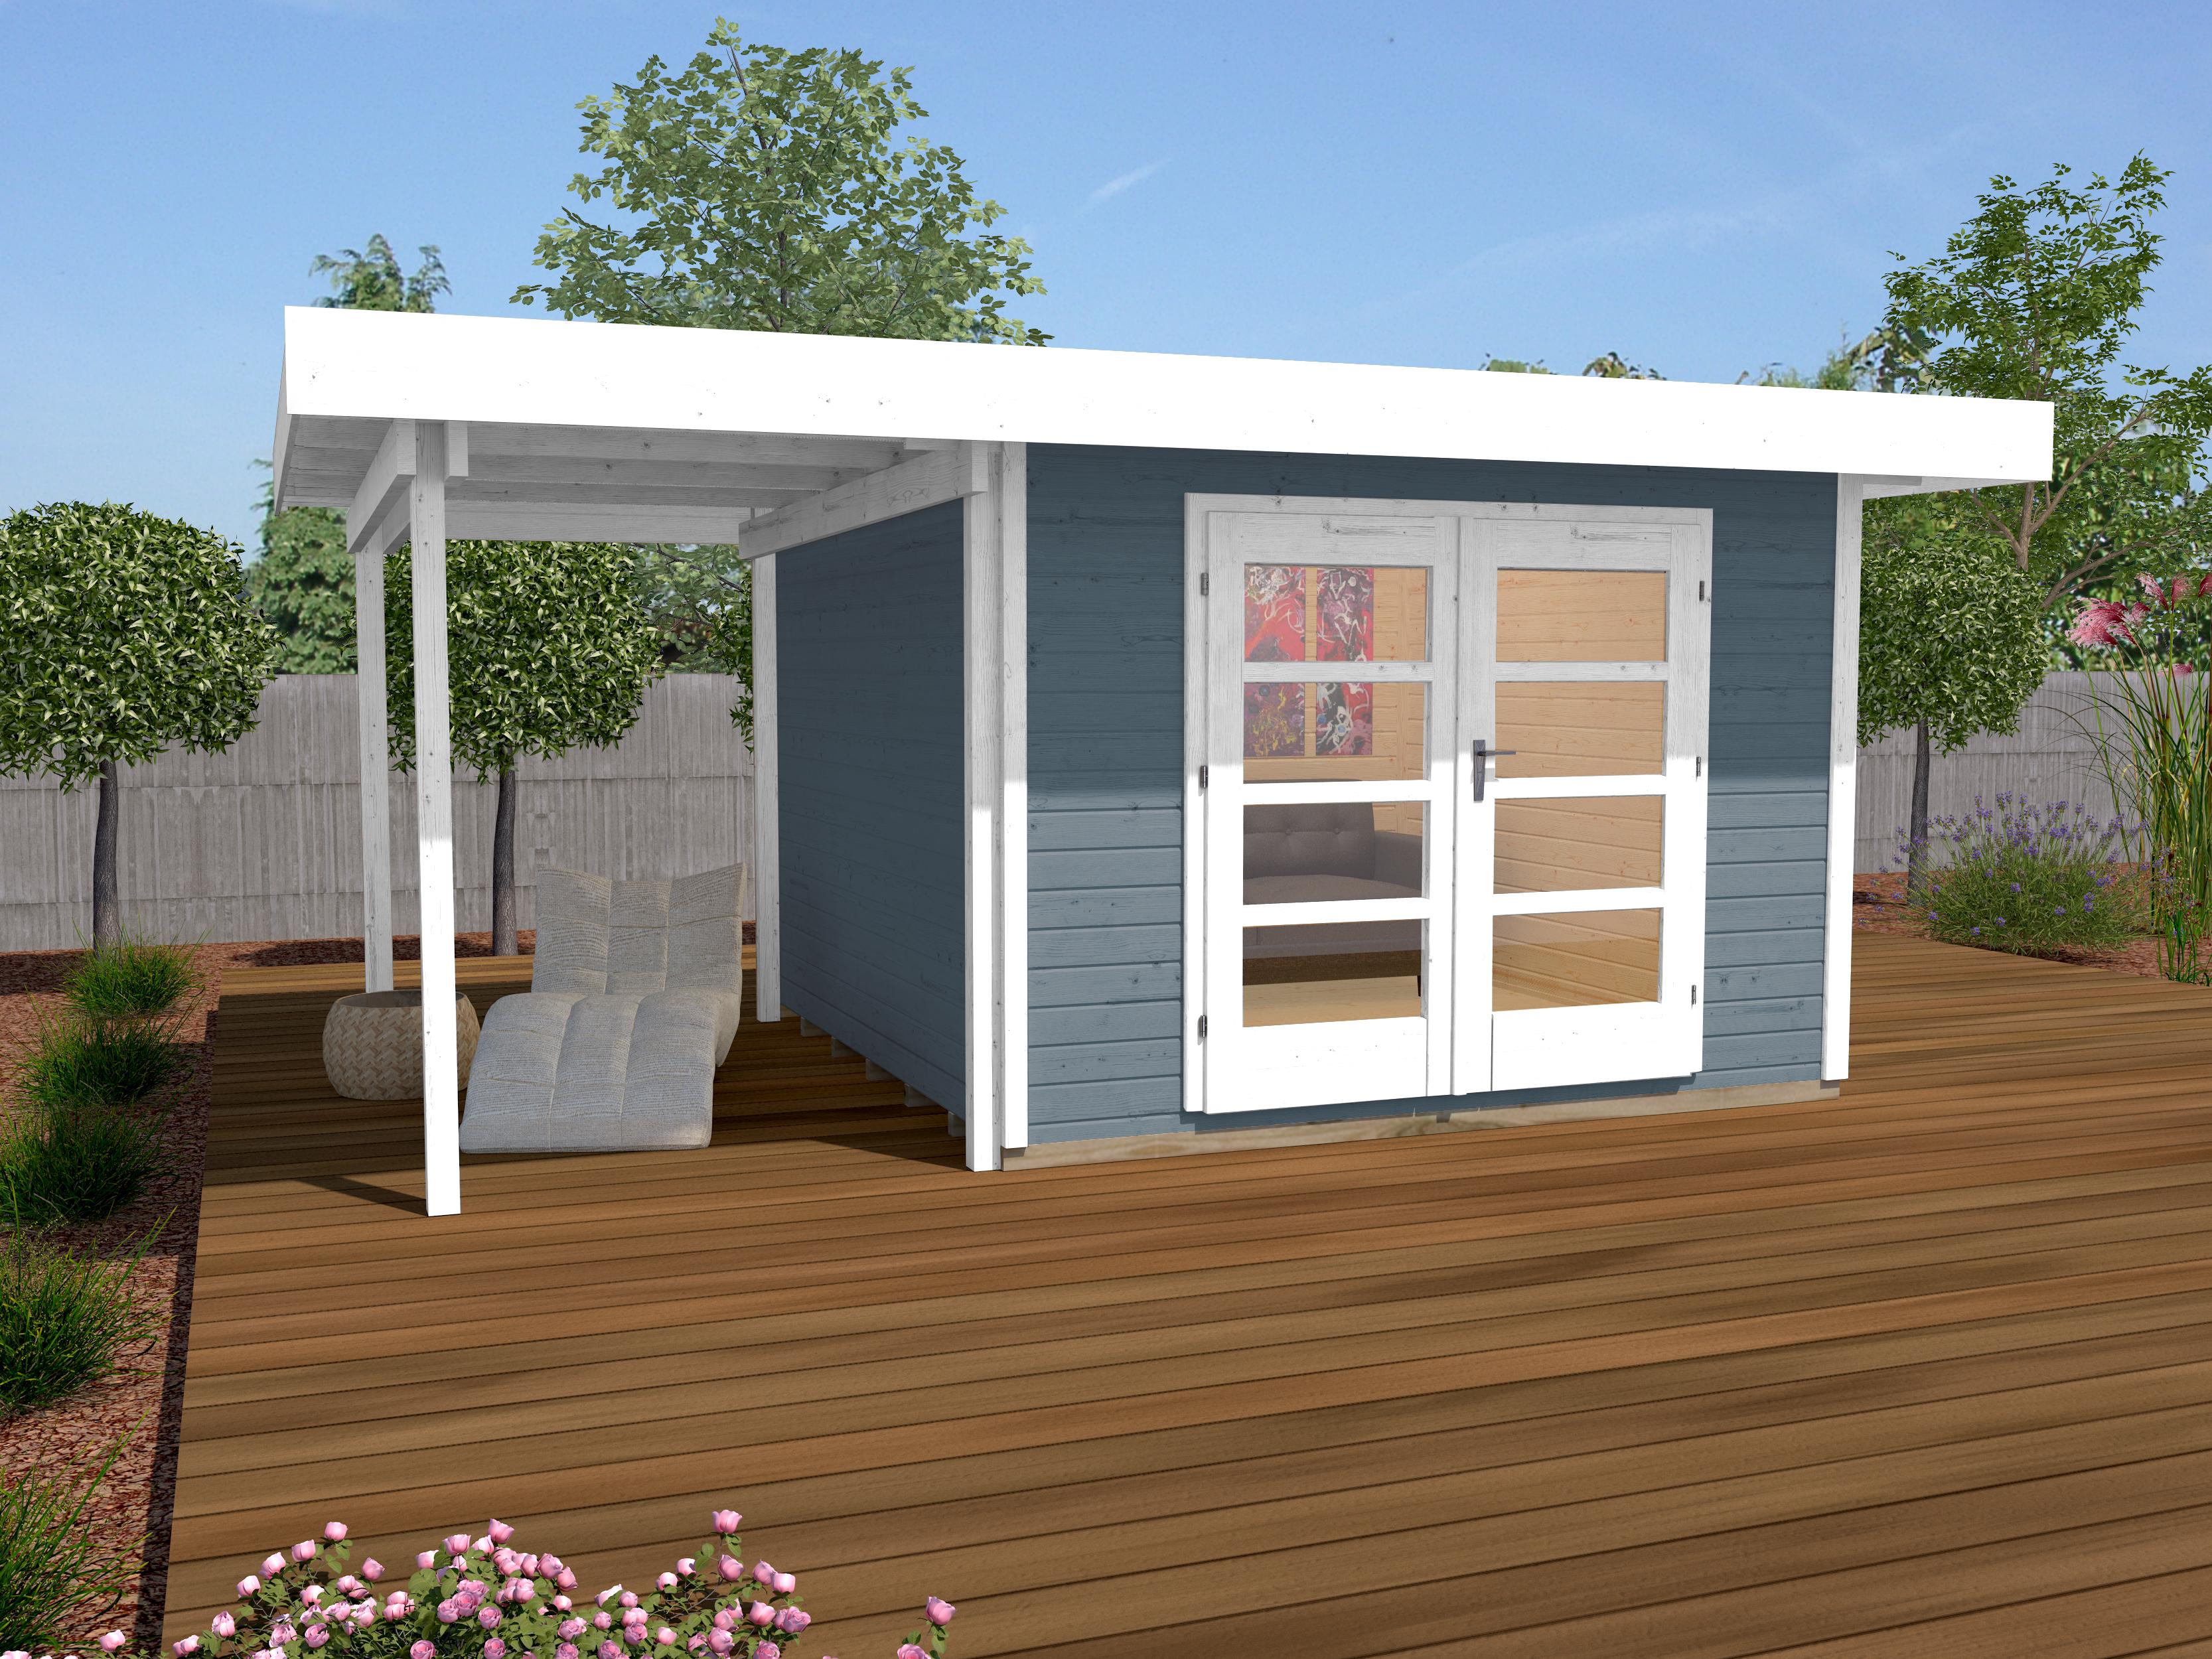 Abri De Jardin Design Toit Plat Avec Auvent Coté - Abri Bois De 10 À 15 M²  Nea Concept concernant Abri Jardin Design